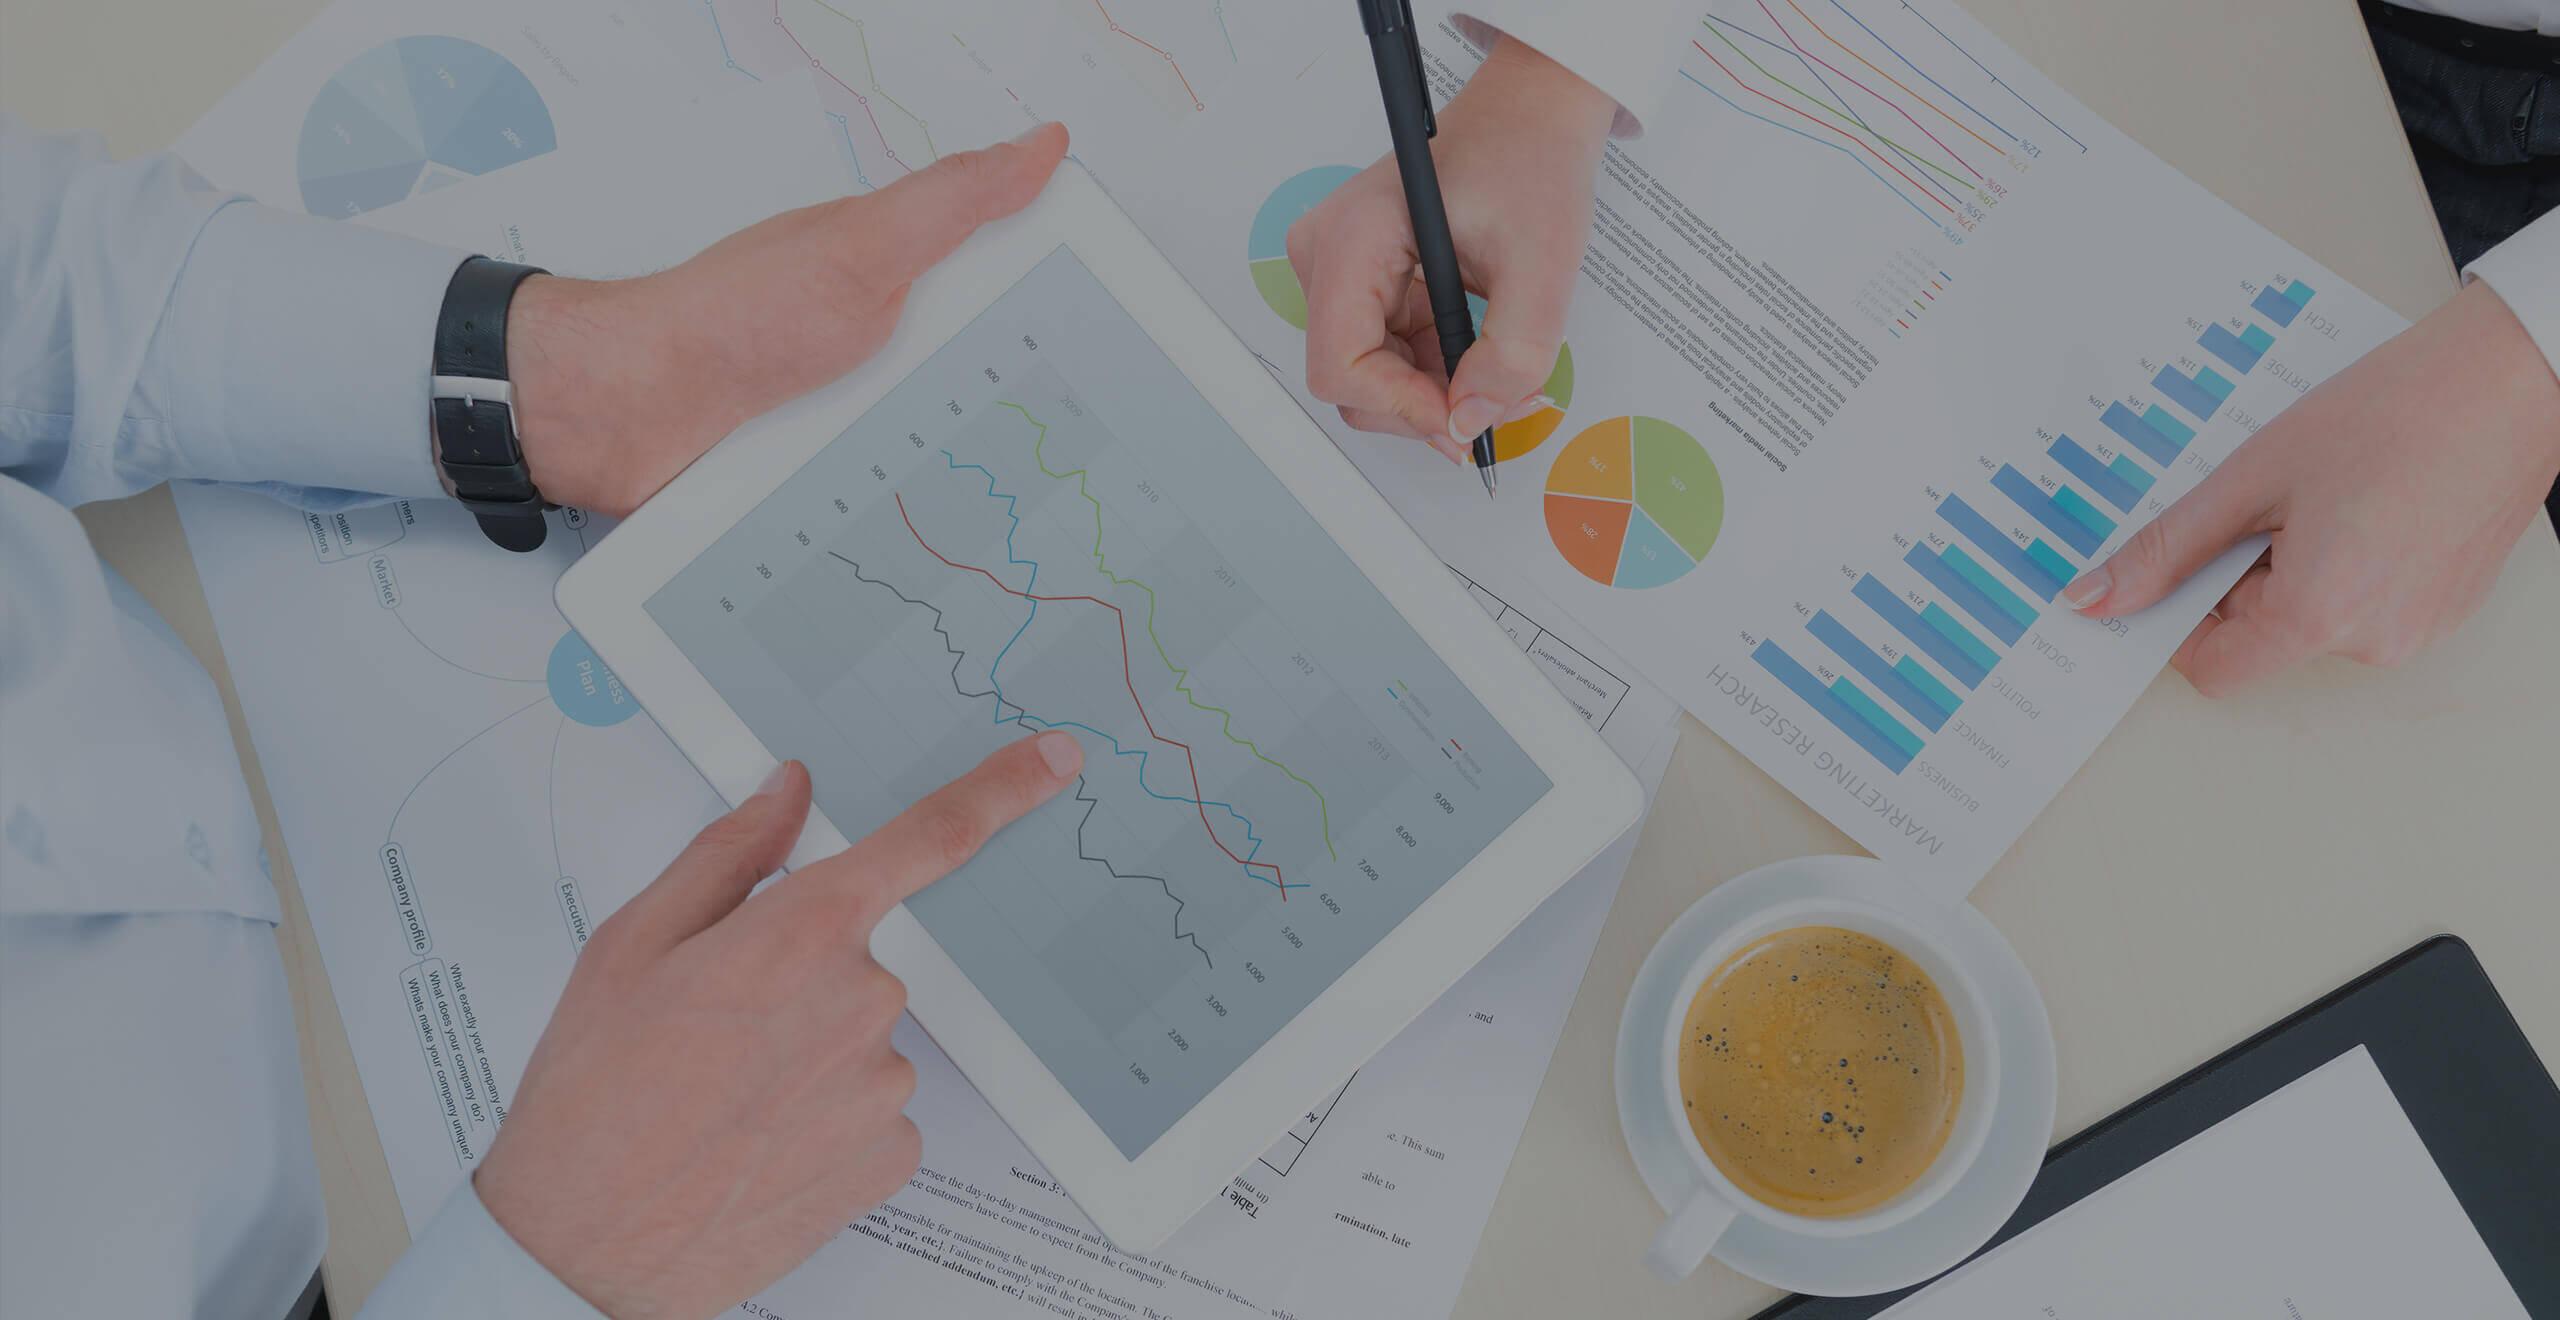 Sistemas ERP, Automação, Coleta de Dados, Gestão de Processos.